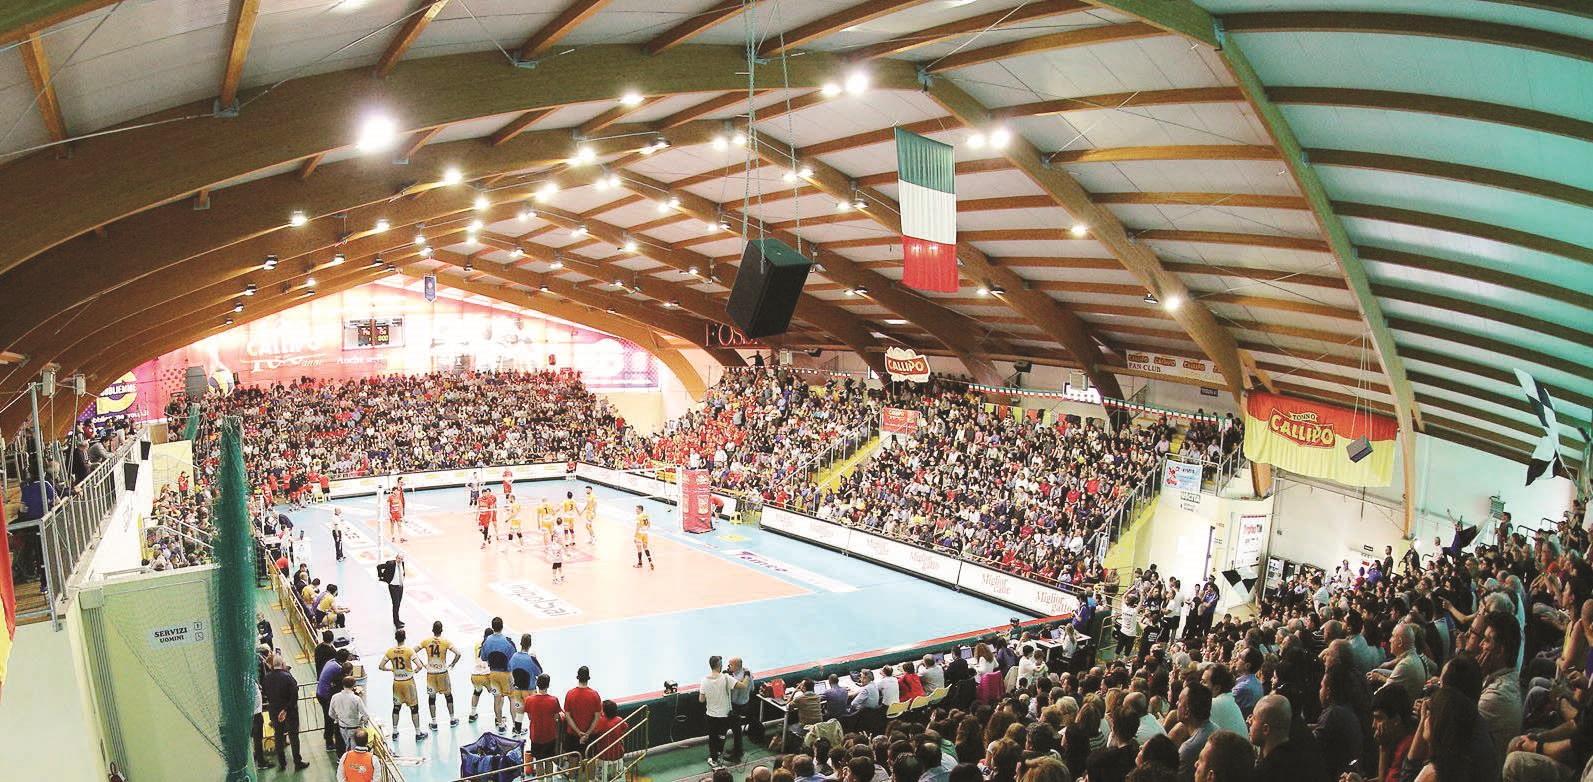 Volley, conto alla rovescia per le finali nazionali femminiliLe Under 18 saranno protagoniste a Vibo e Pizzo